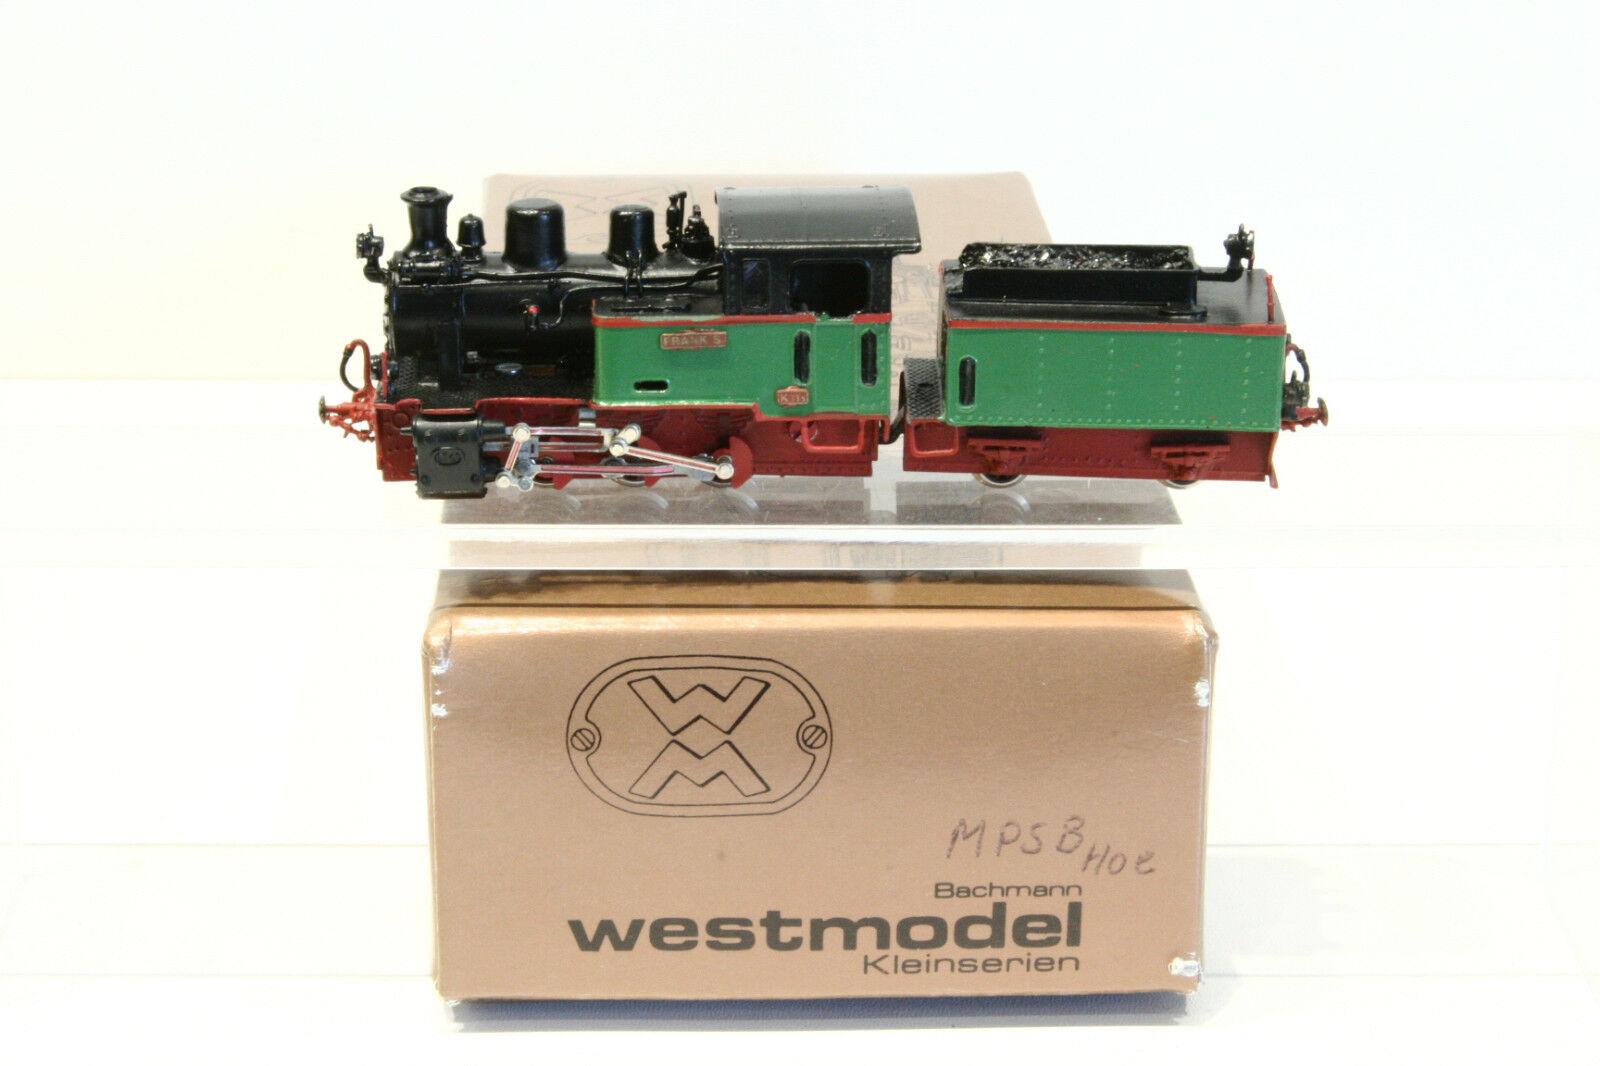 West MODEL h0e mpsb schleptenderlok  Frank S , molto ben strutturato, OVP